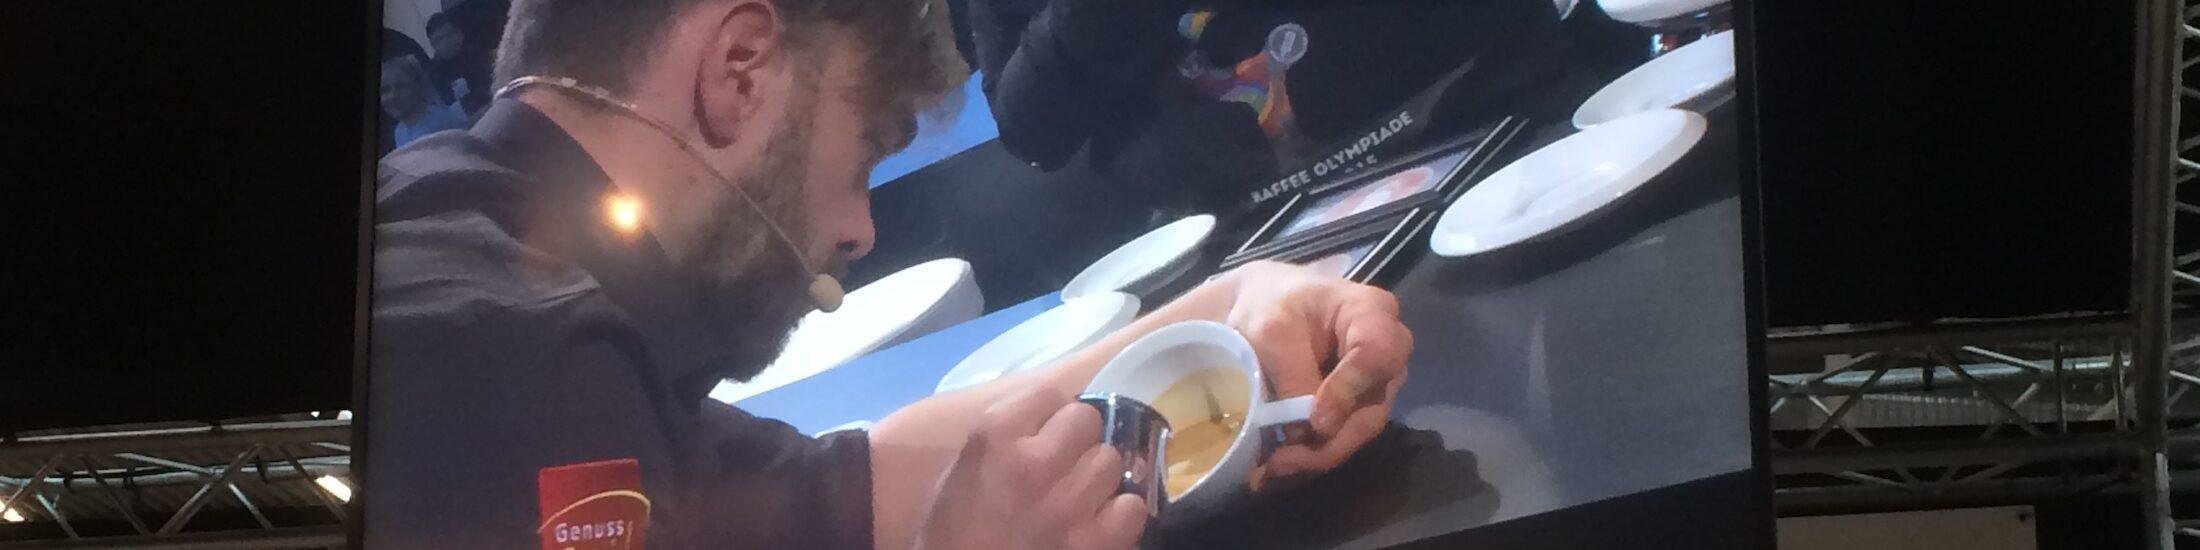 Horst im TV Bild bei der Deutschen Latte Art Meisterschaft 2015. Ein wichtiger teil seiner Kaffee Liebesgeschichte